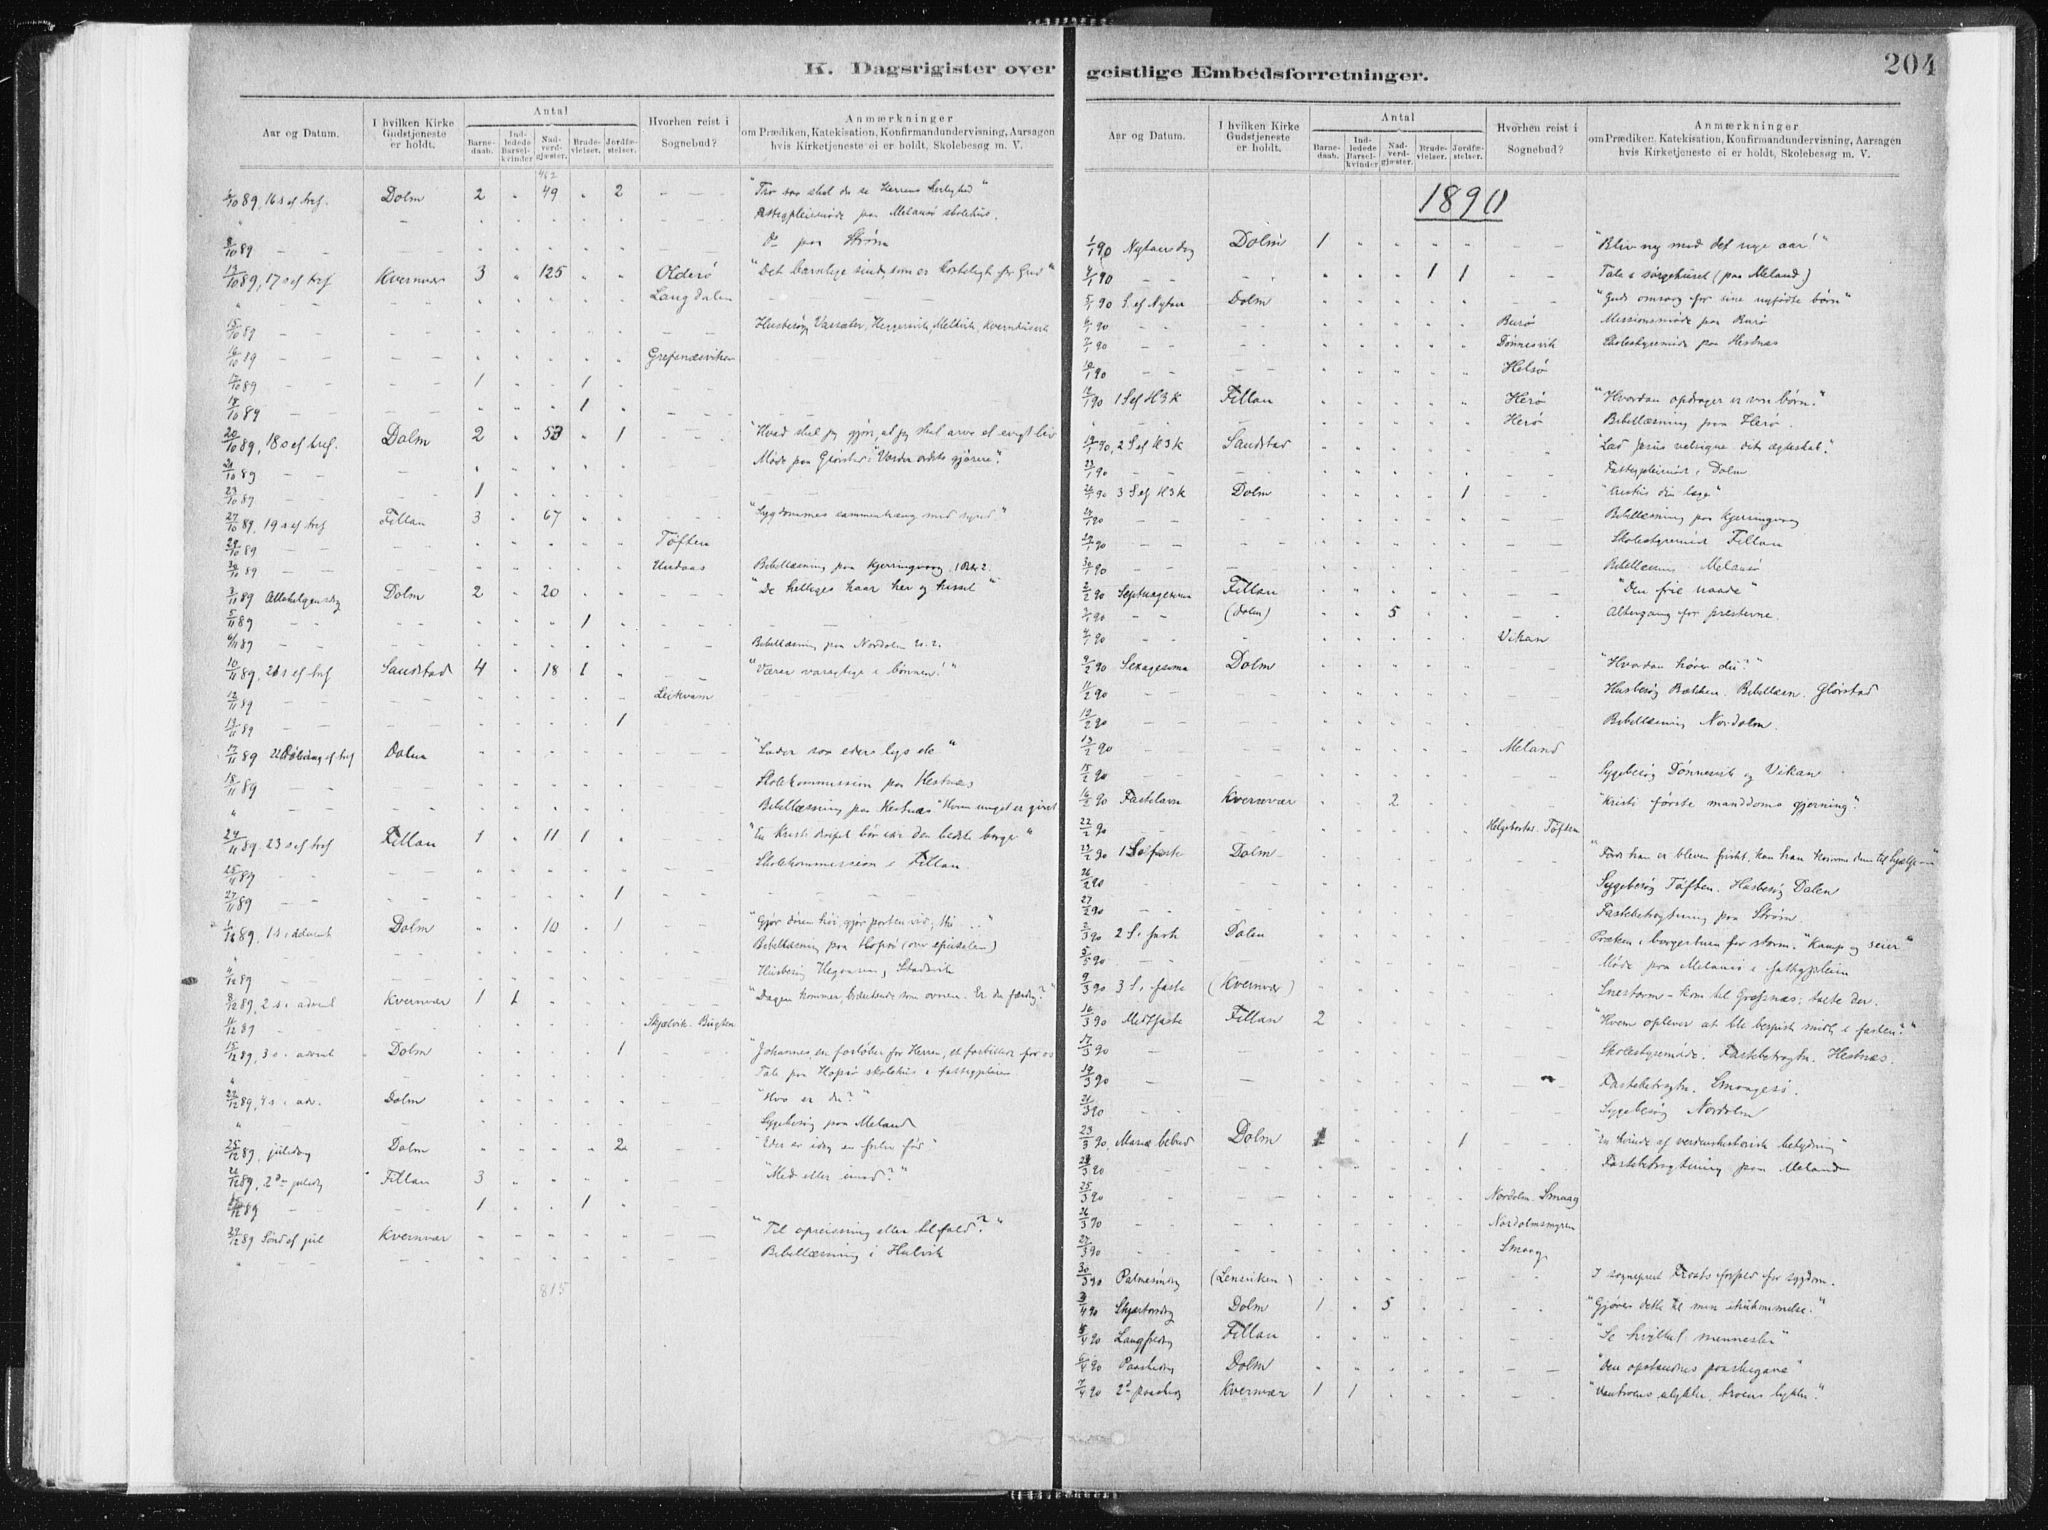 SAT, Ministerialprotokoller, klokkerbøker og fødselsregistre - Sør-Trøndelag, 634/L0533: Ministerialbok nr. 634A09, 1882-1901, s. 204